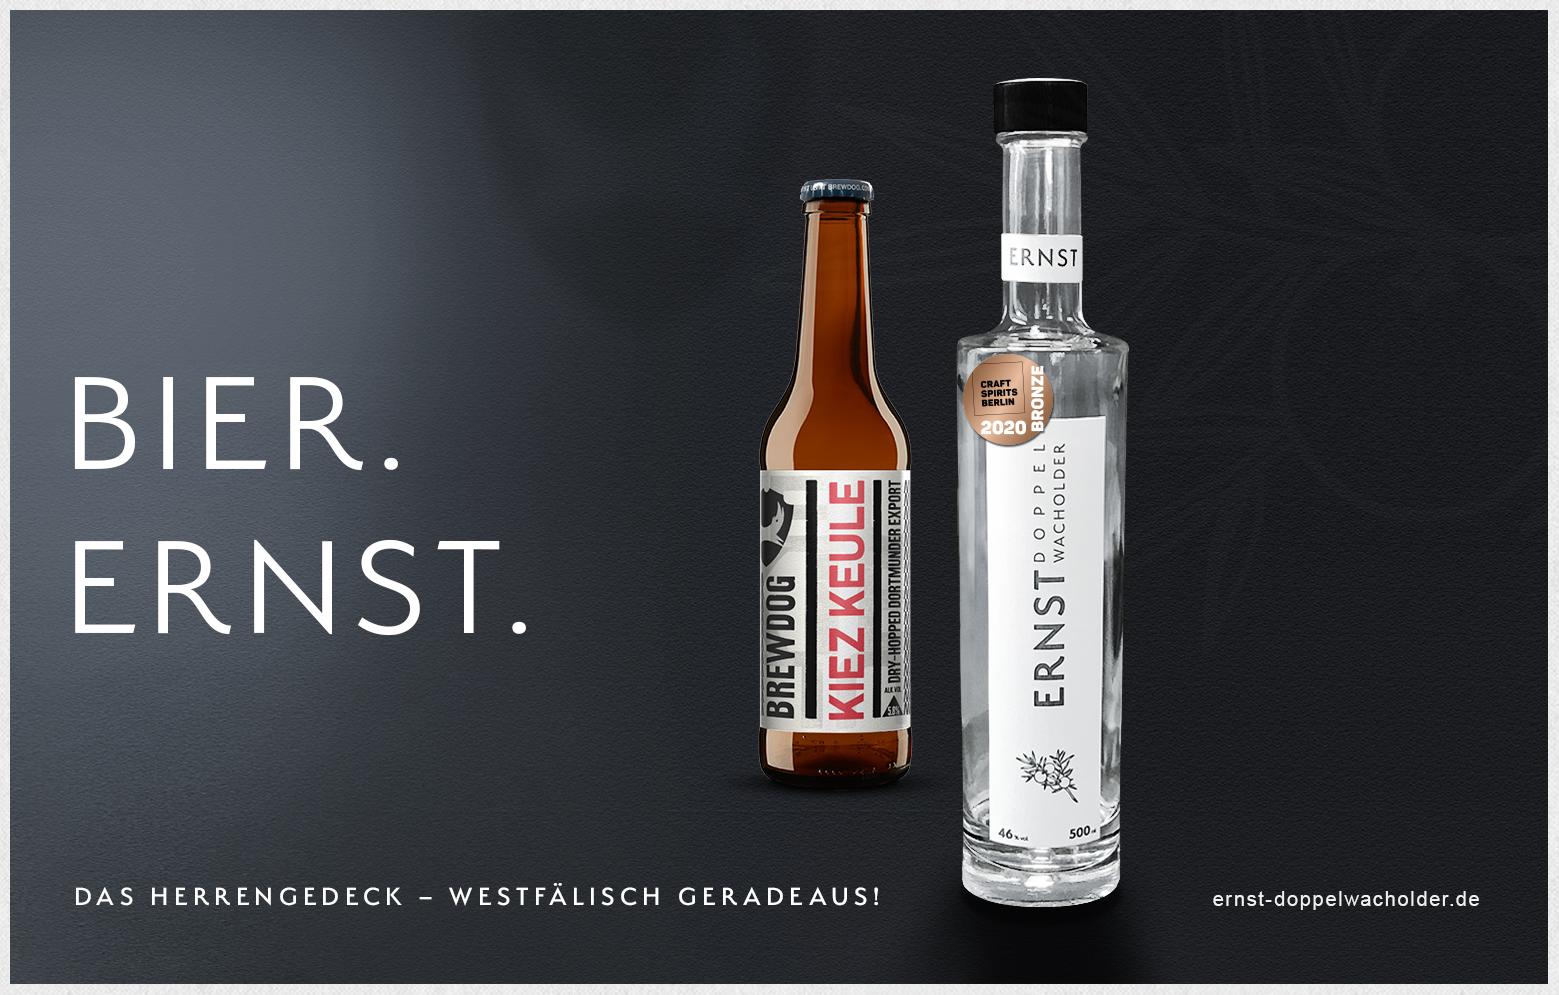 Bier. Ernst. Kiez Keule und Ernst Doppelwacholder